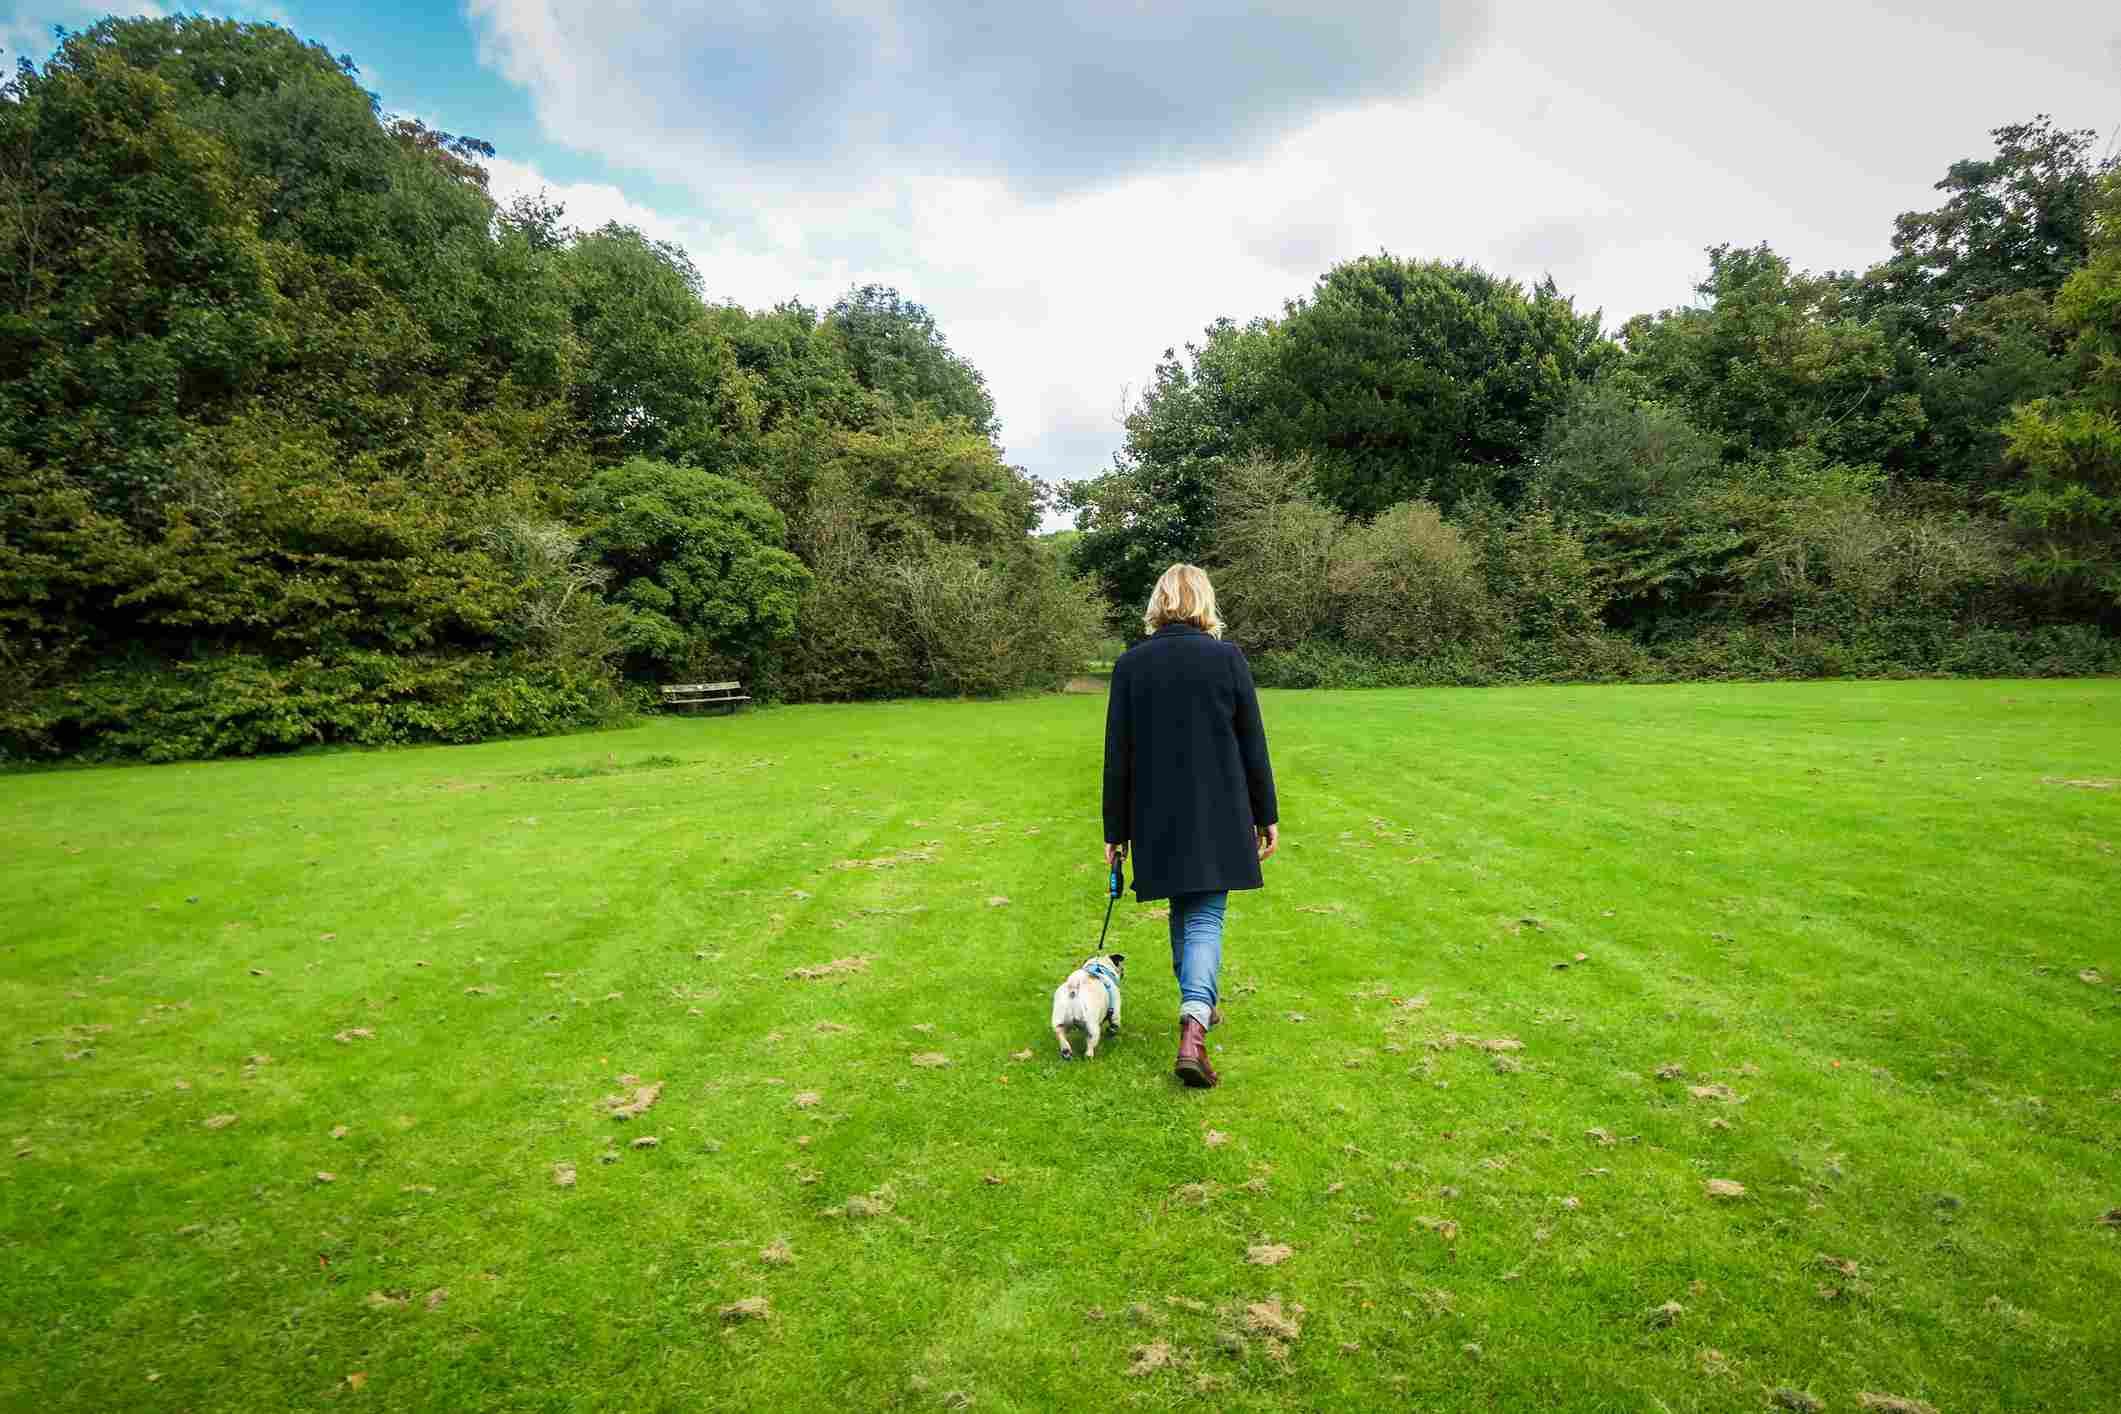 Women walking dog in park